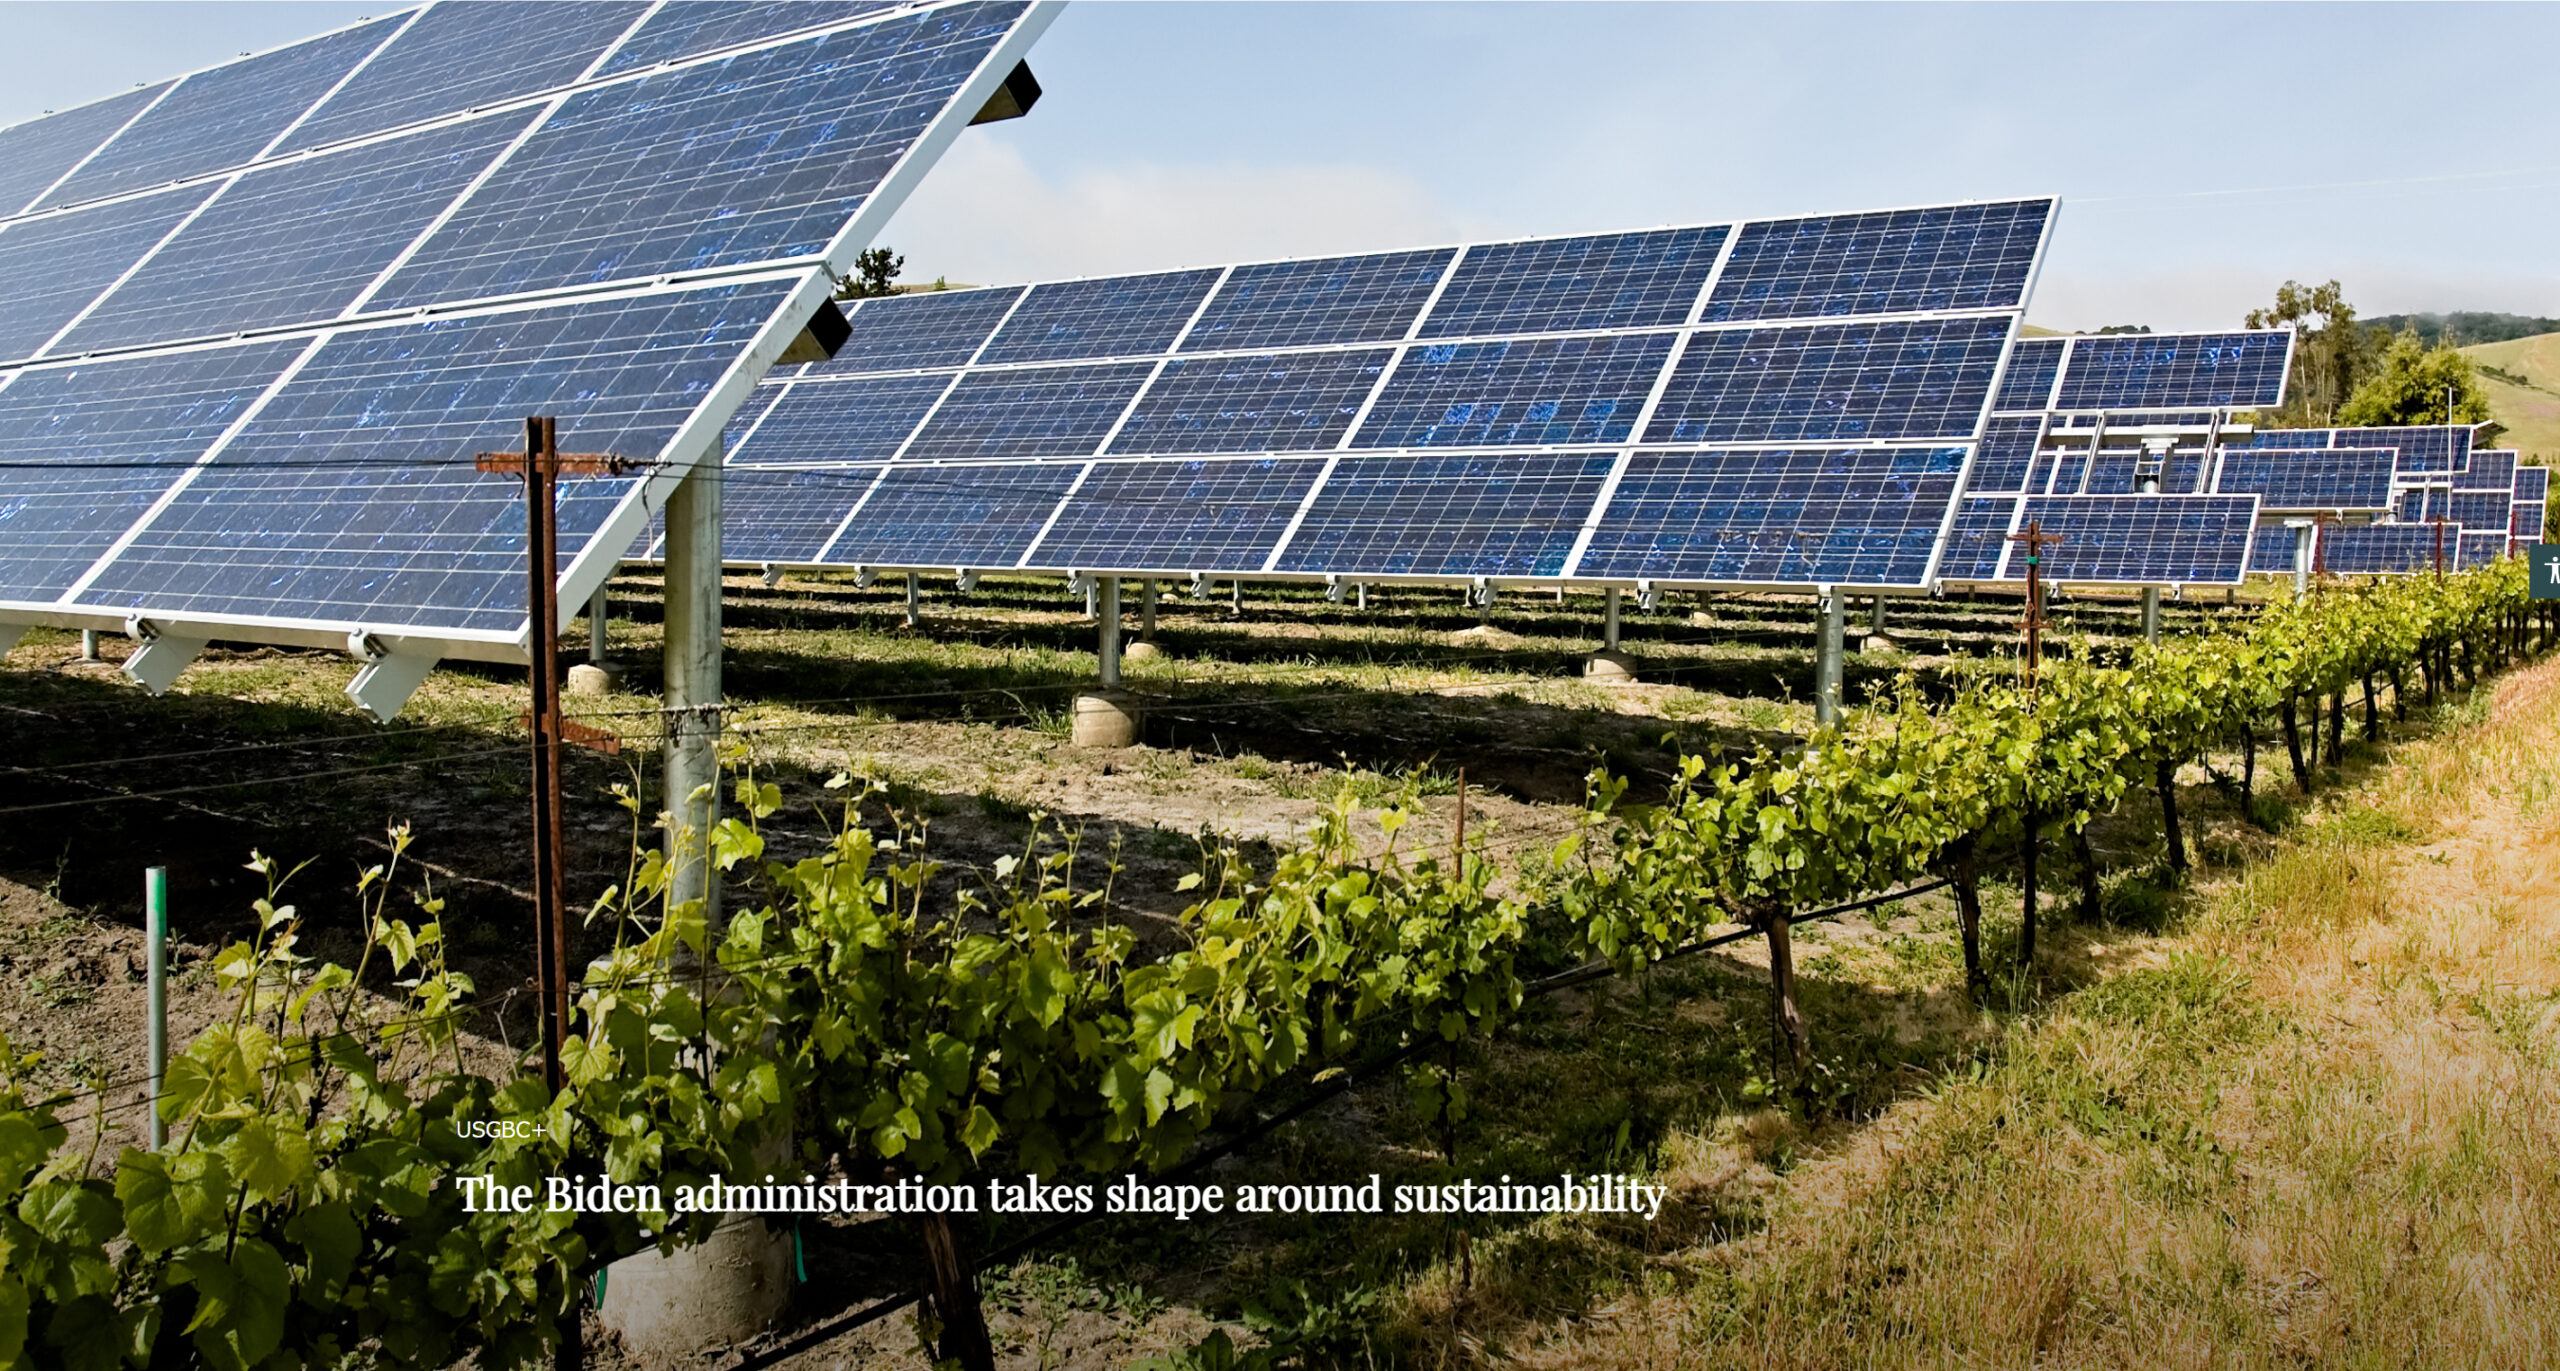 バイデン政権は持続可能性を政策の中心に位置付け